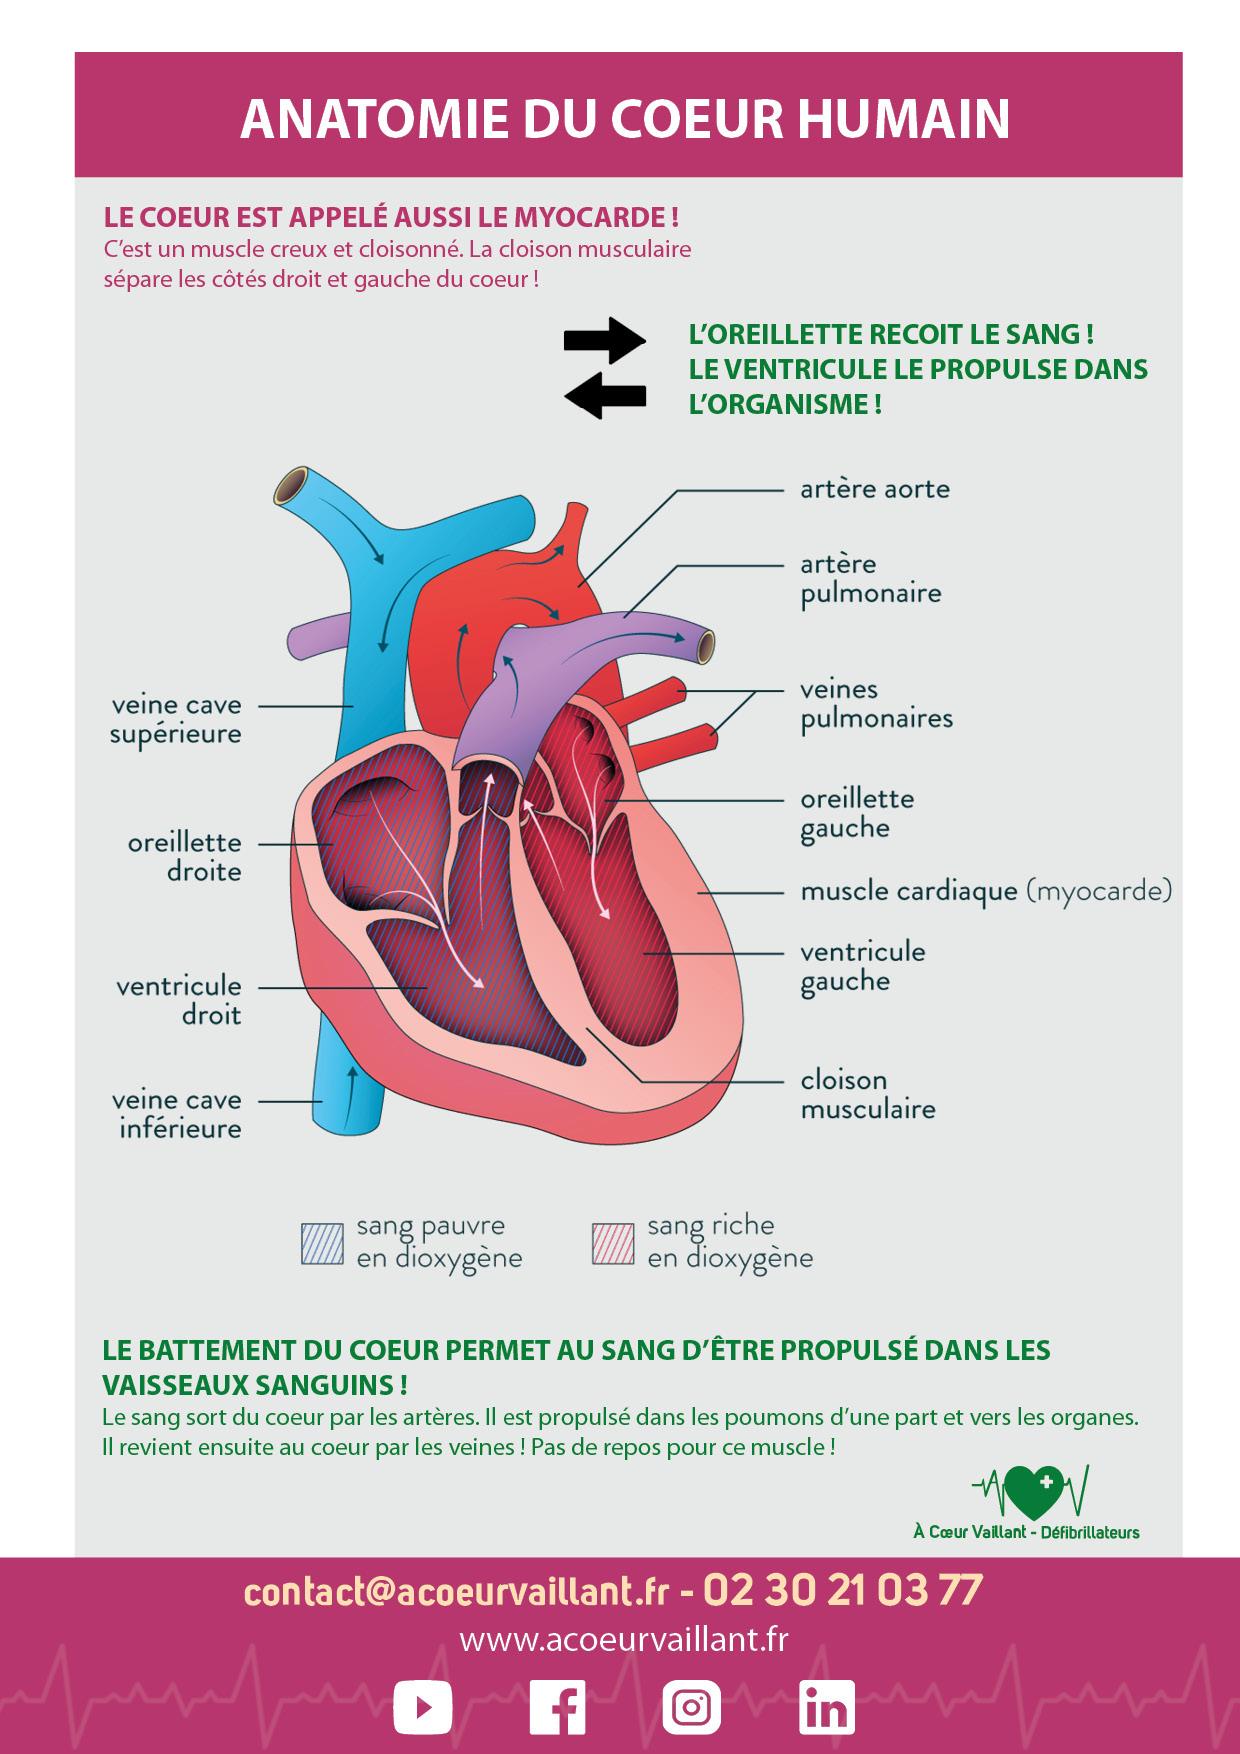 Anatomie du coeur humain ACV